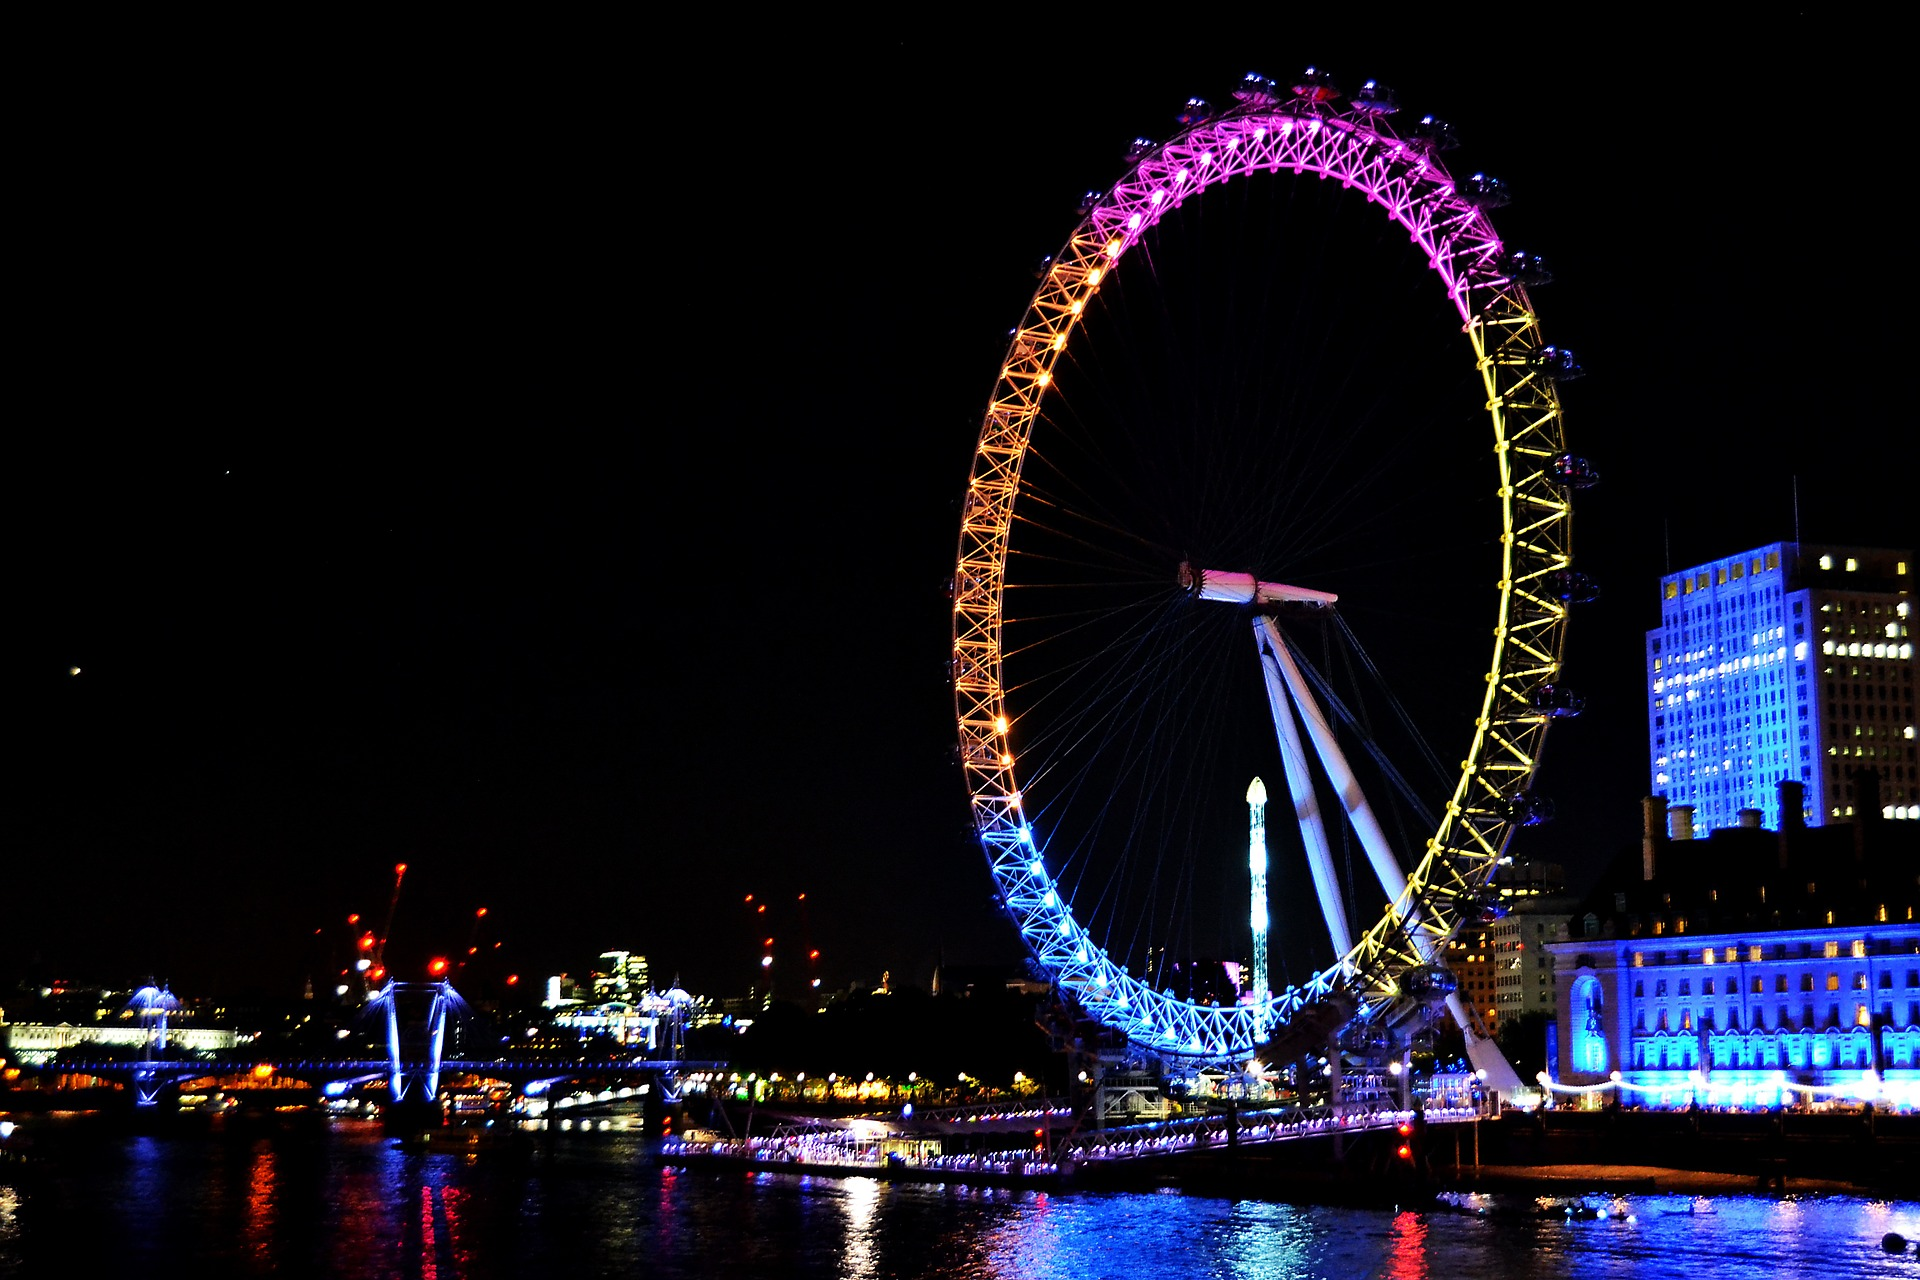 london-971560_1920